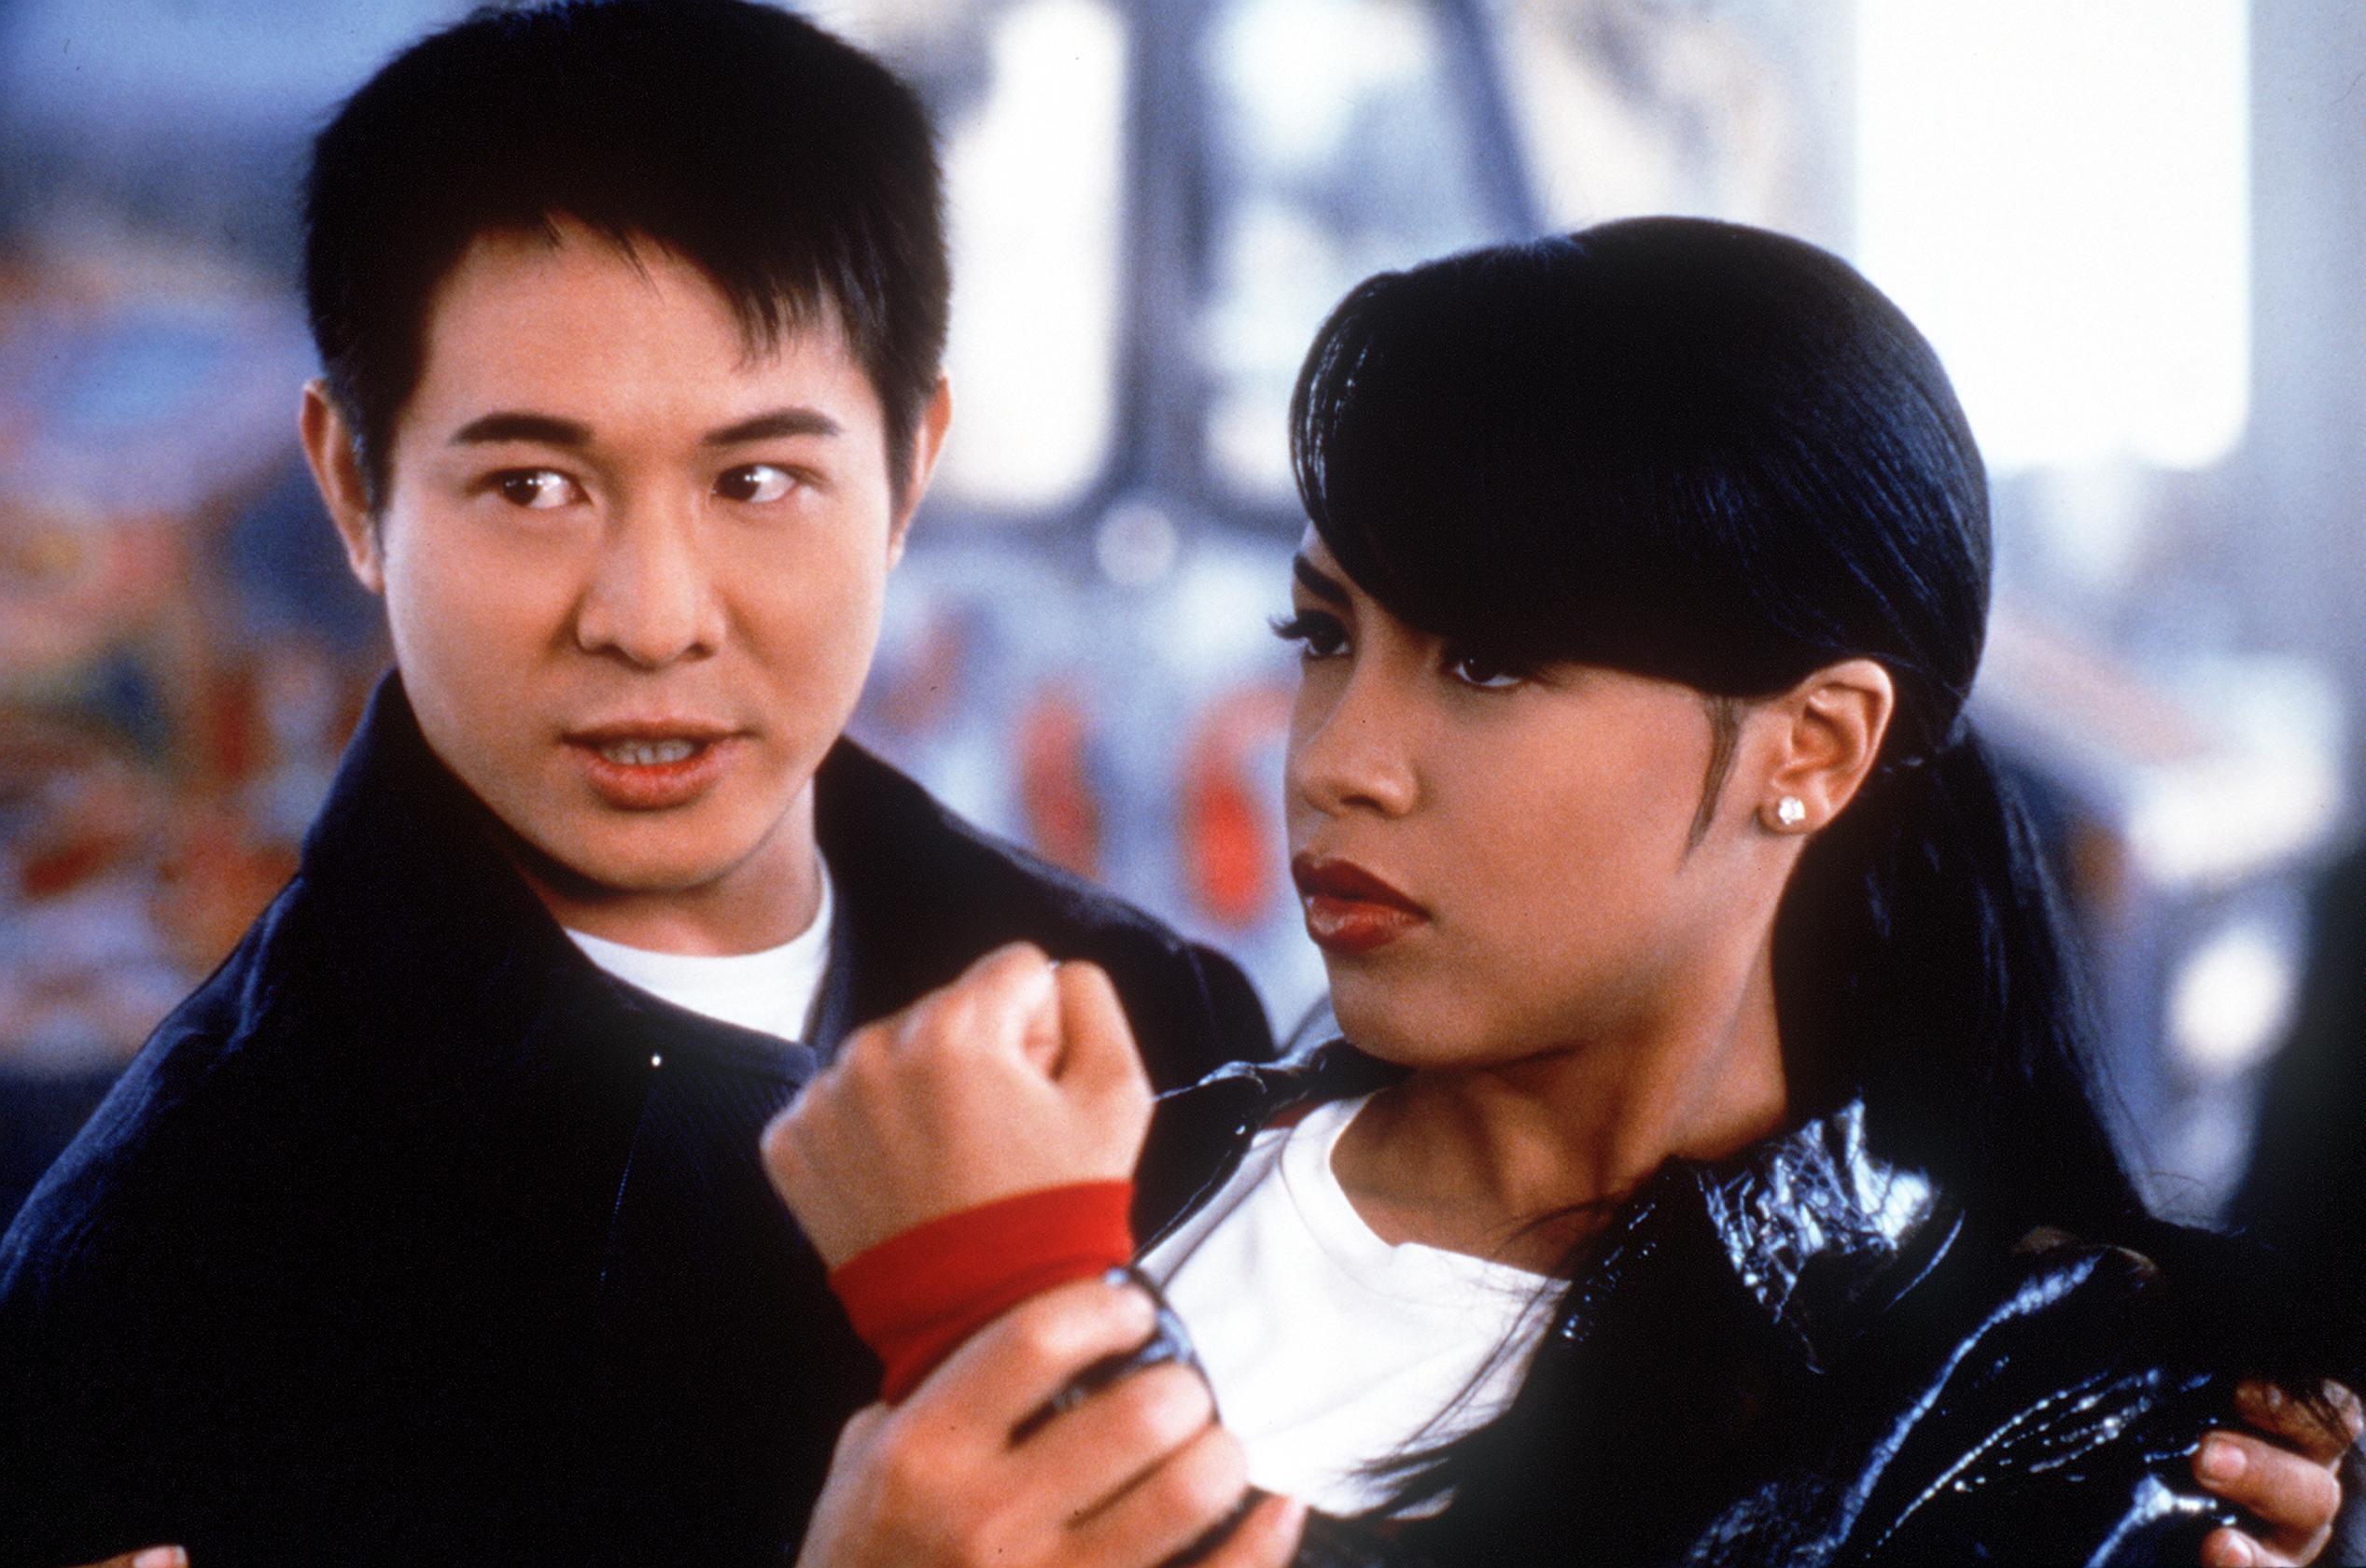 Jet Li and Aaliyah